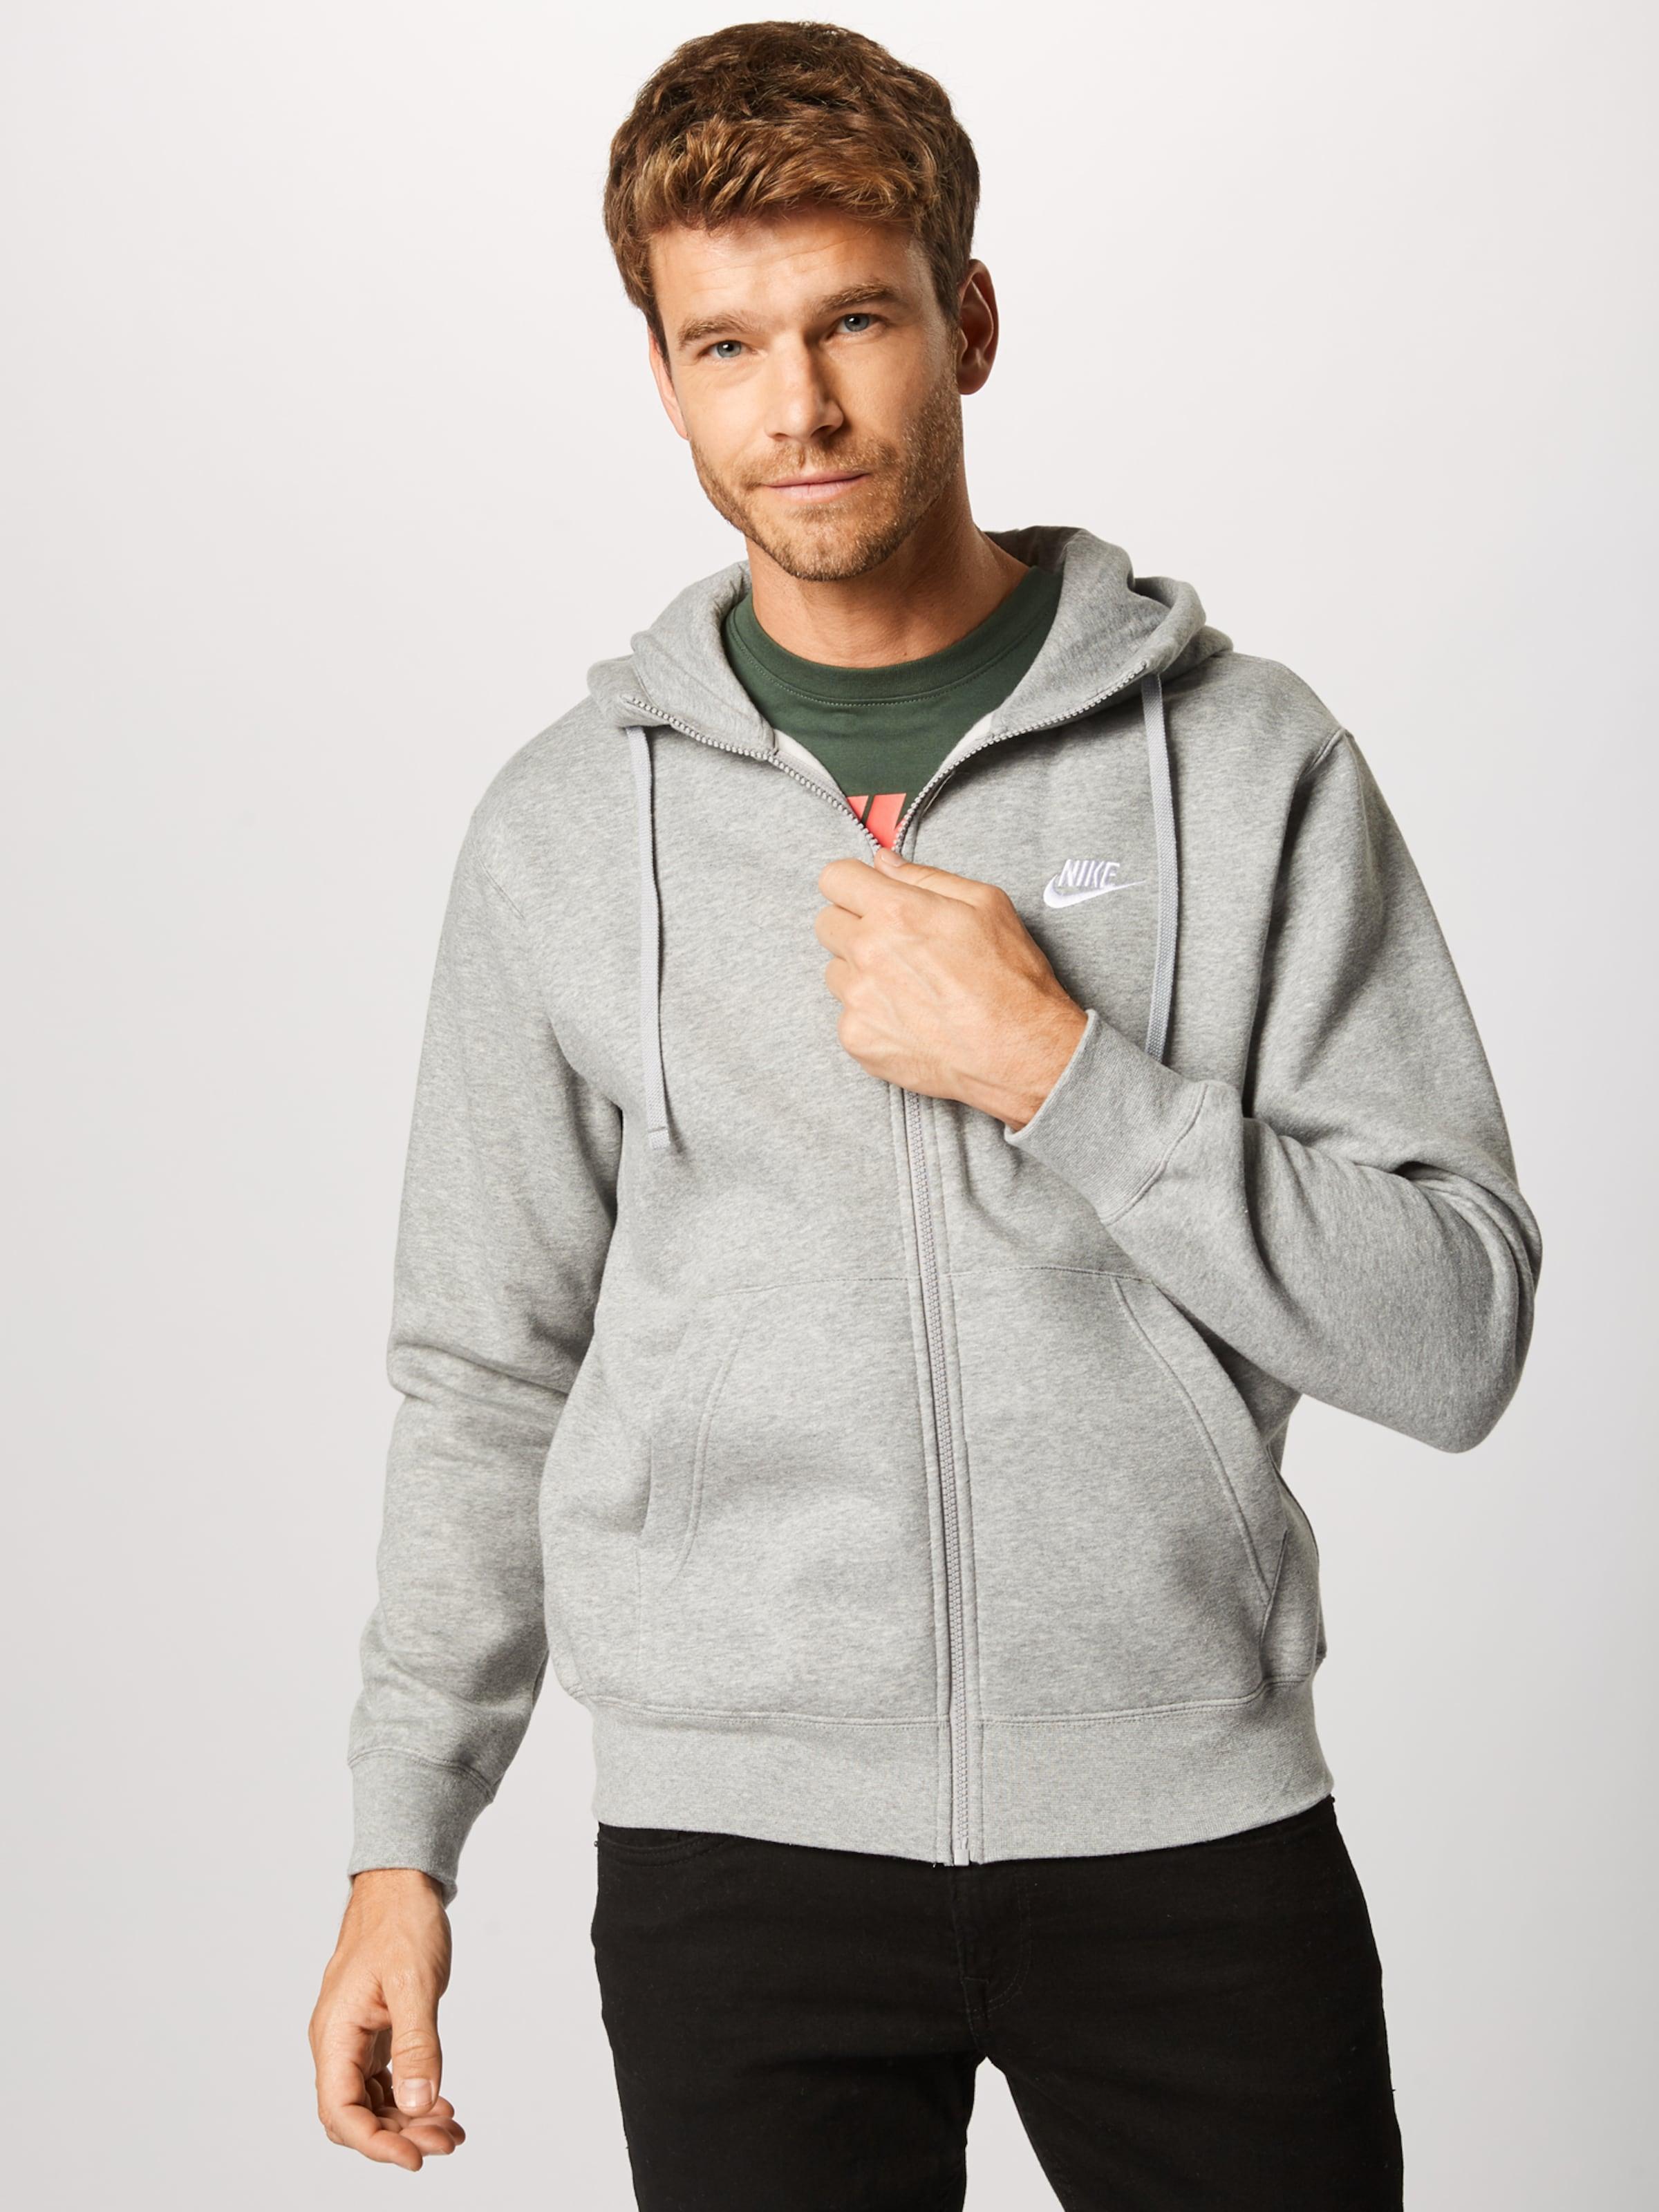 Sweatjacke Nike Graumeliert Sportswear In Sportswear In Sweatjacke Nike nOkNwPX08